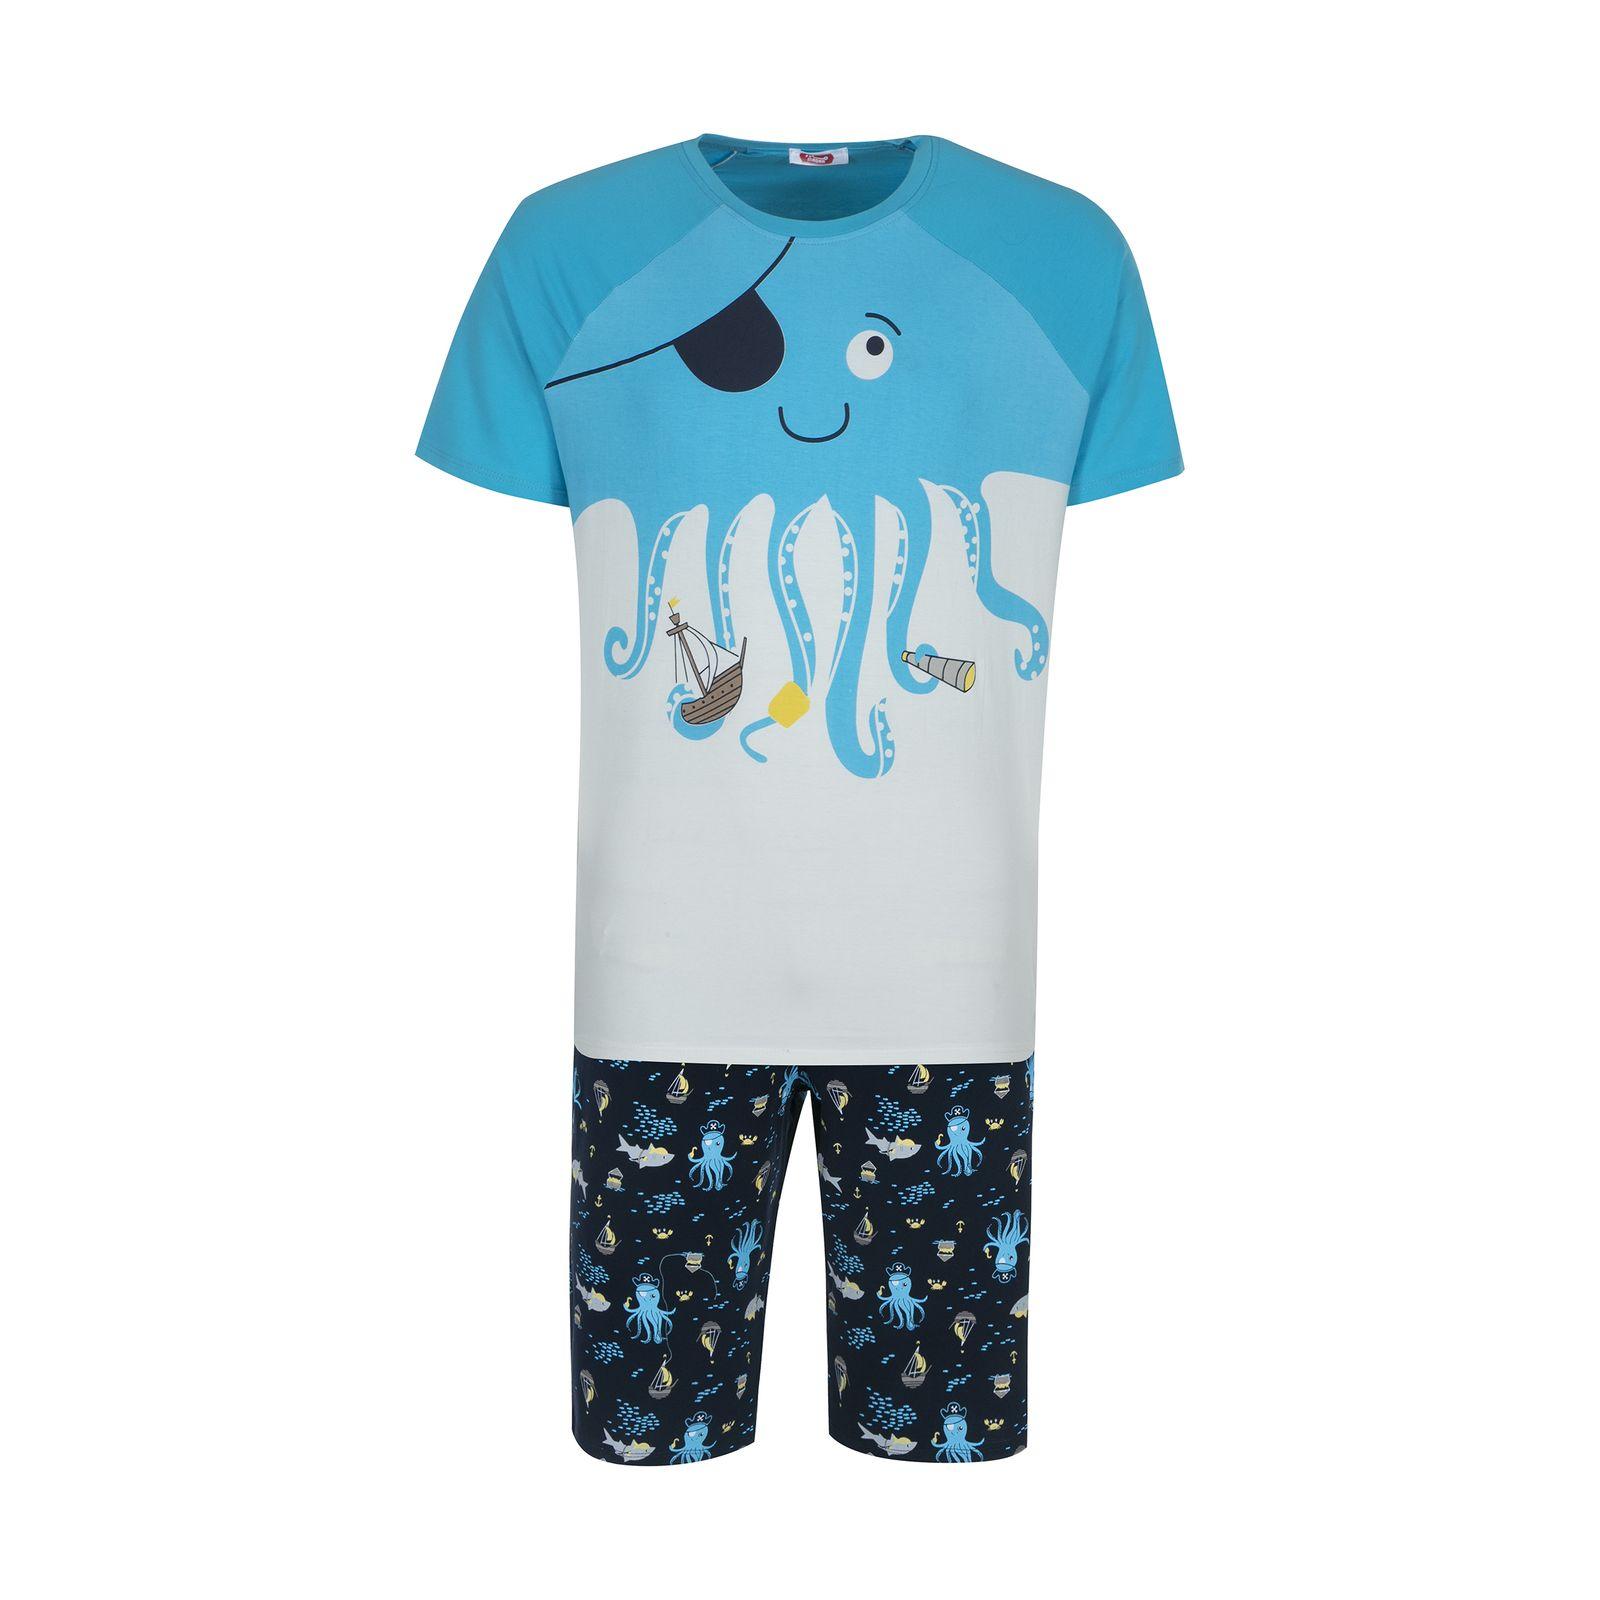 ست تی شرت و شلوارک راحتی مردانه مادر مدل 2041107-52 -  - 2